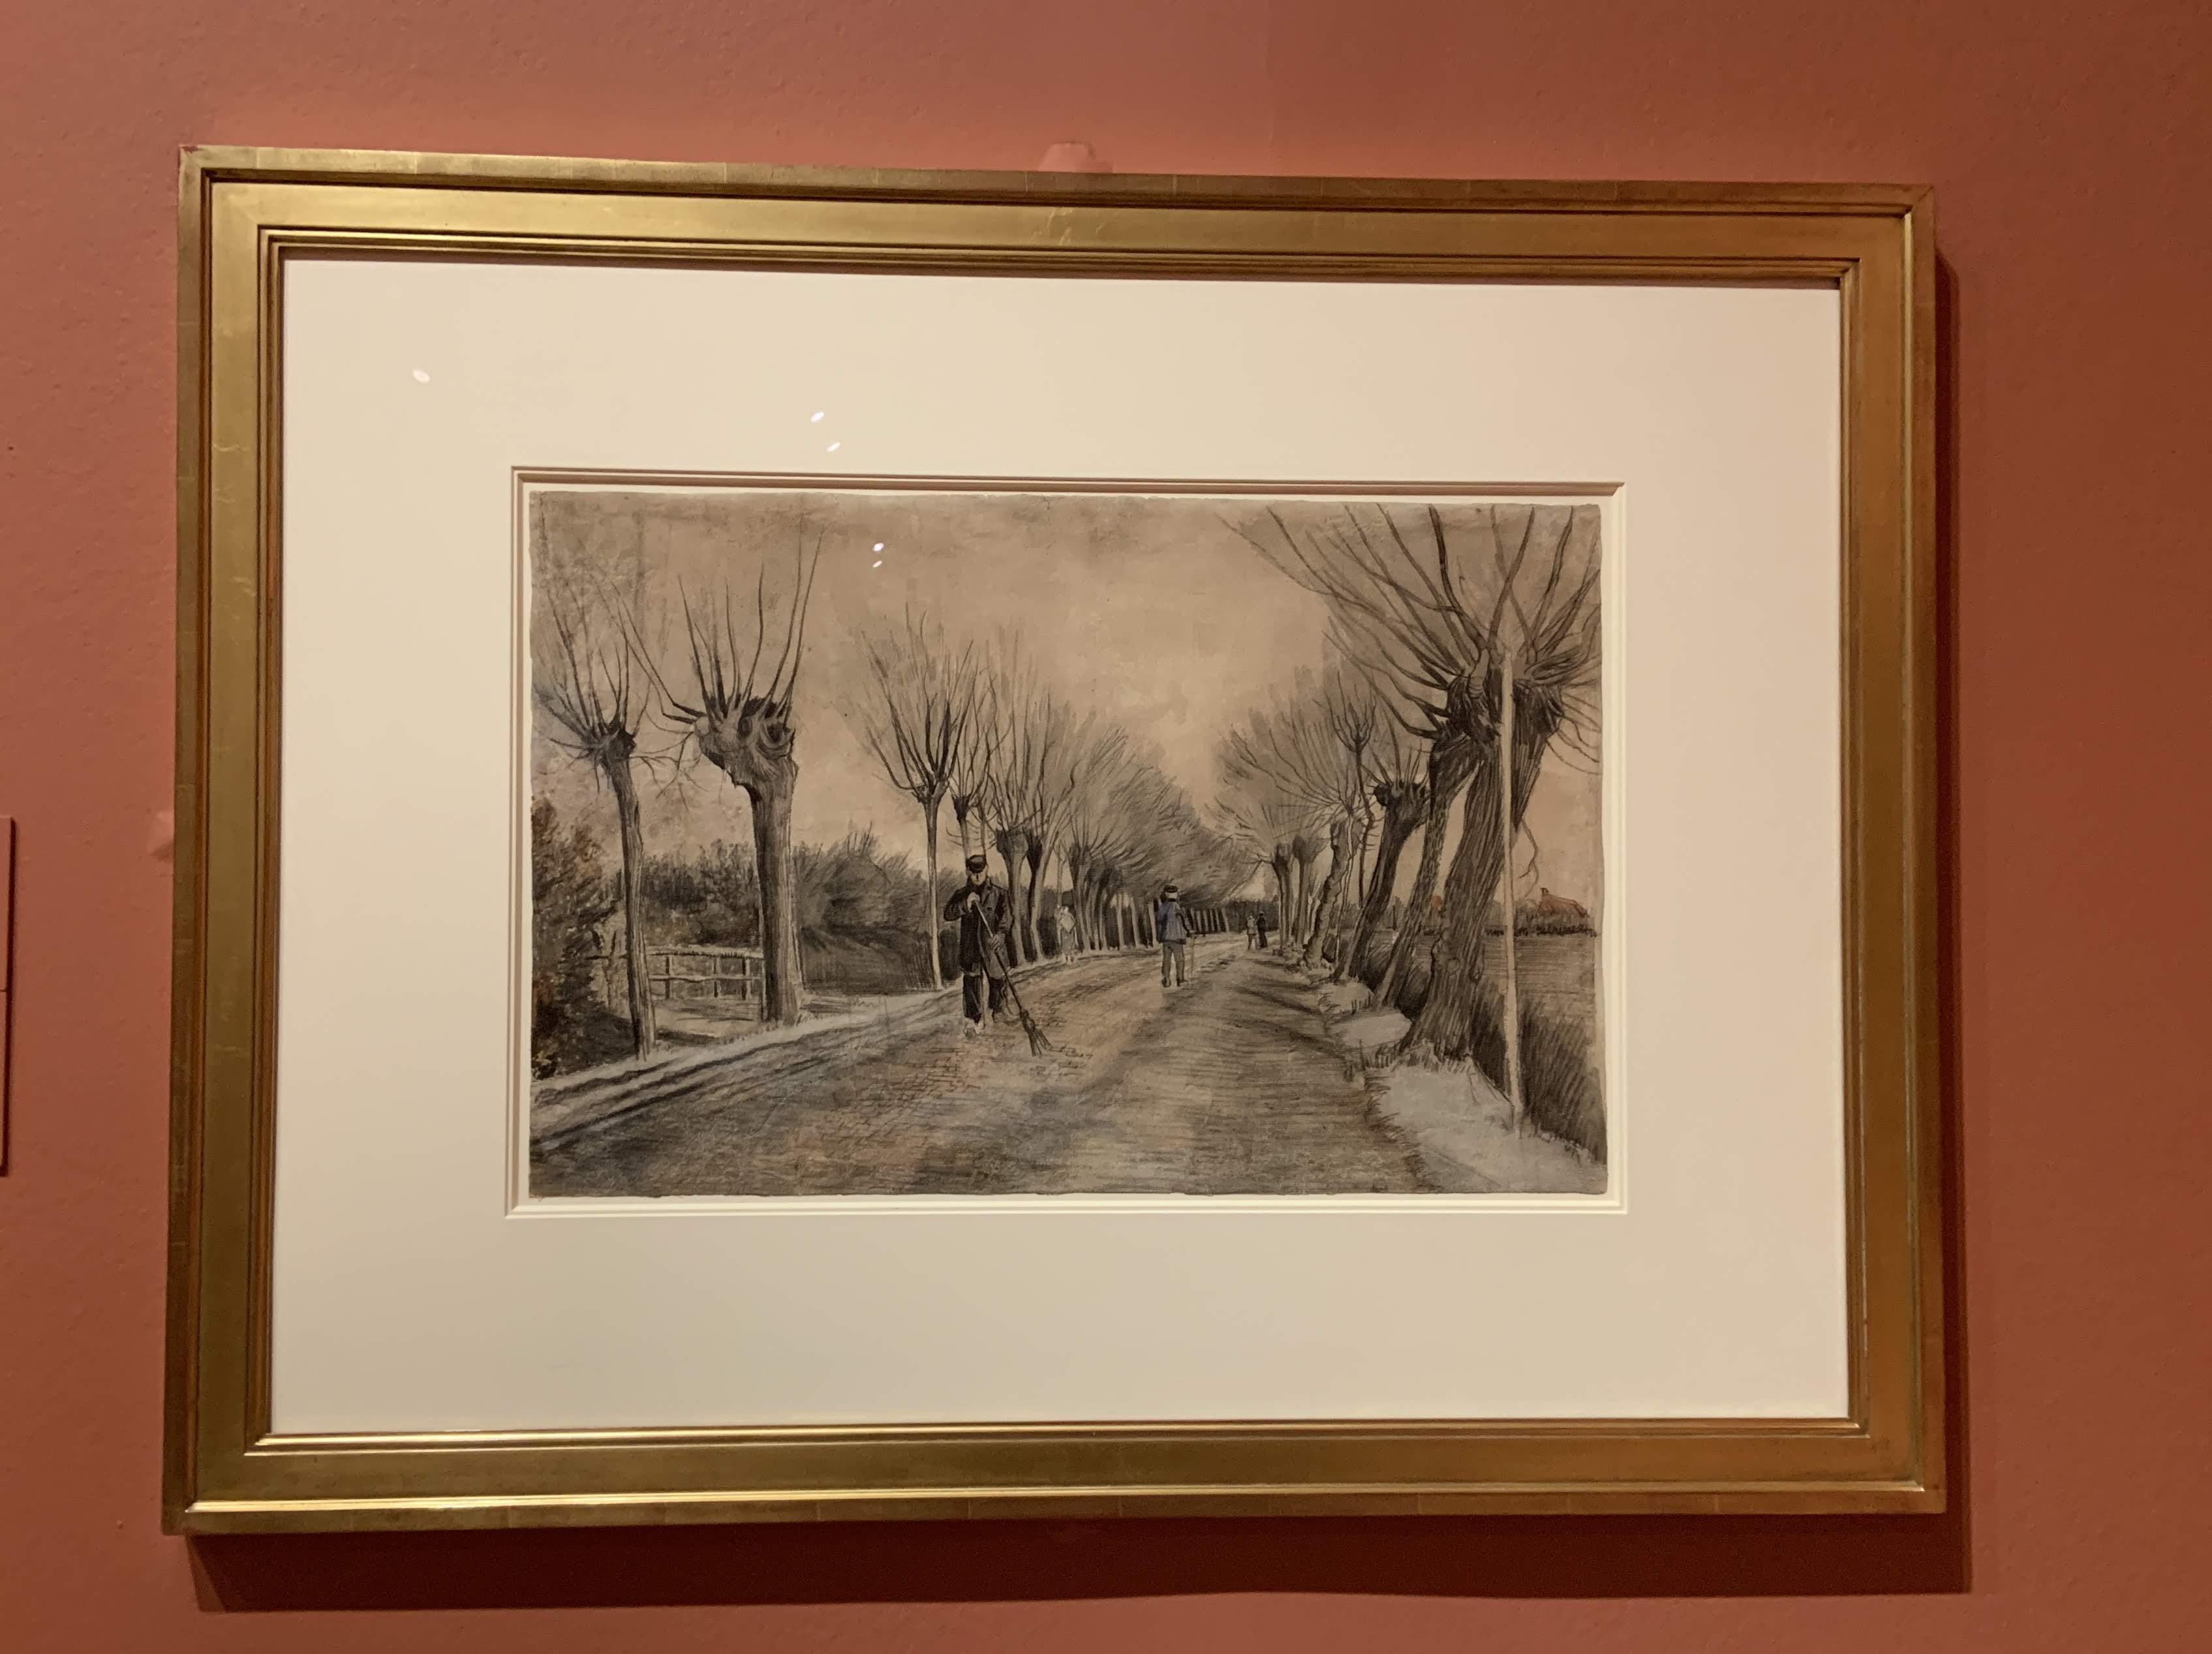 Vincent van Gogh - Road in Etten, 1881